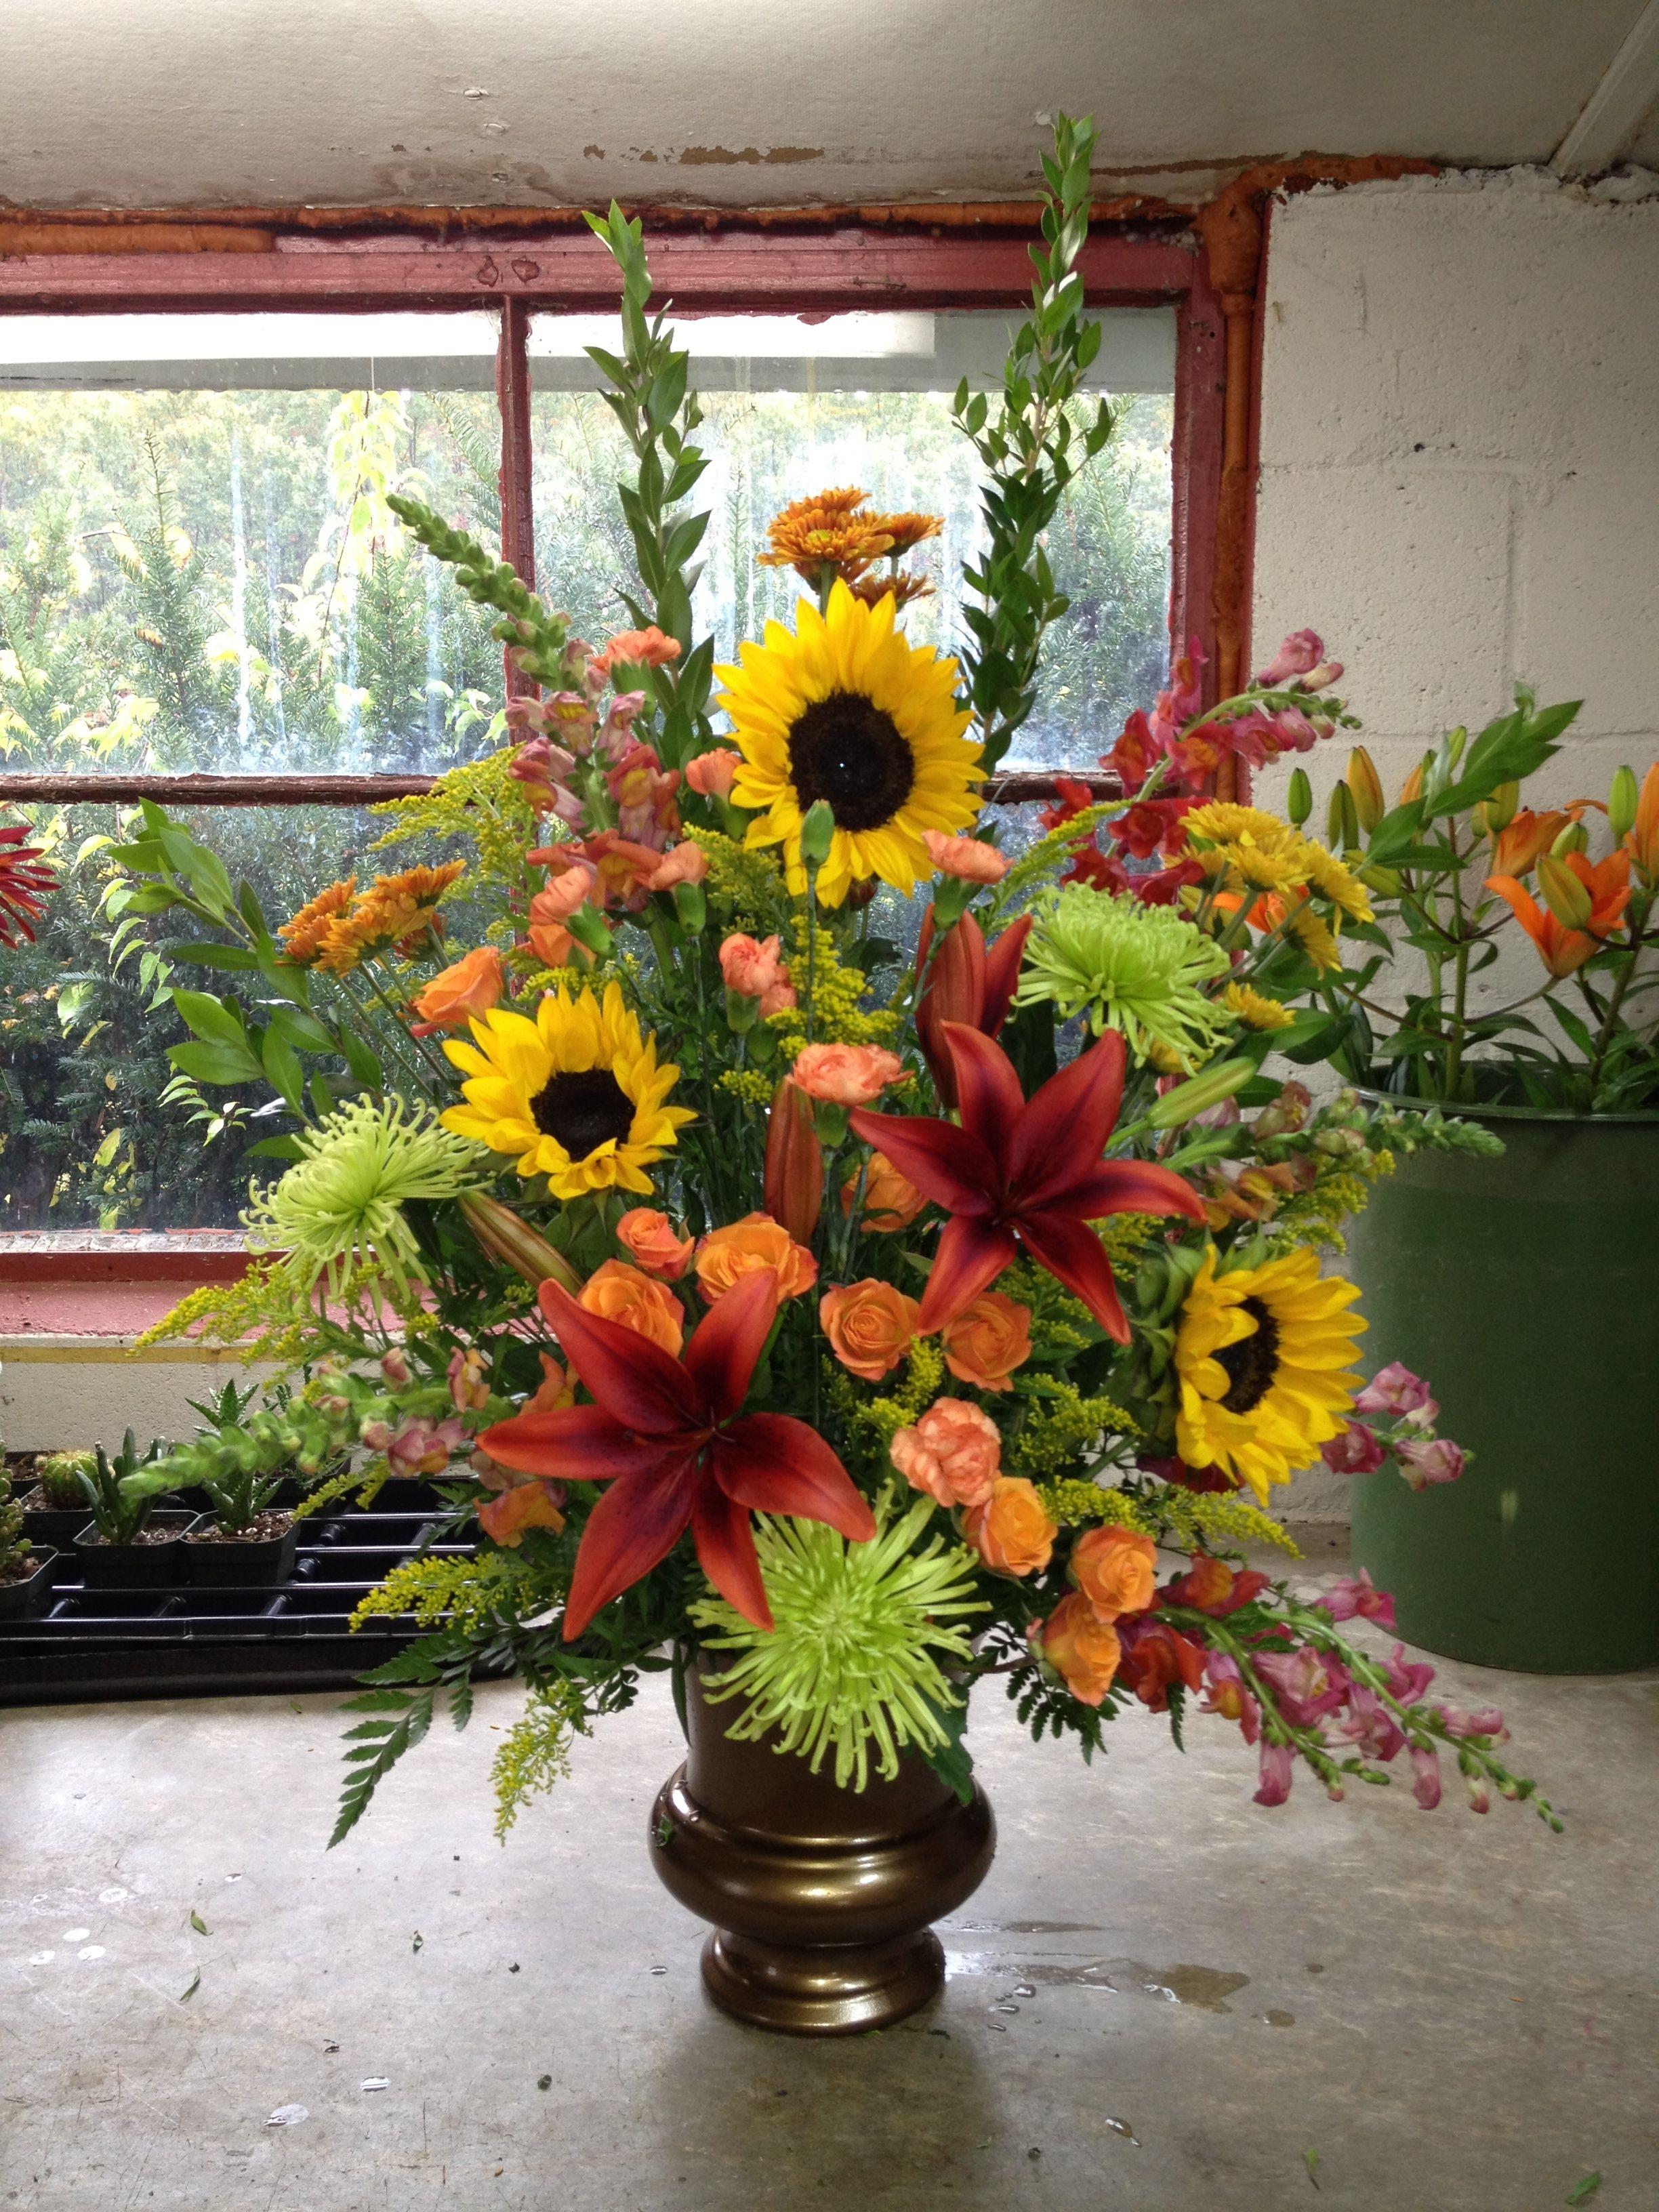 A beautiful funeral arrangement using lilies and sunflowers a beautiful funeral arrangement using lilies and sunflowers izmirmasajfo